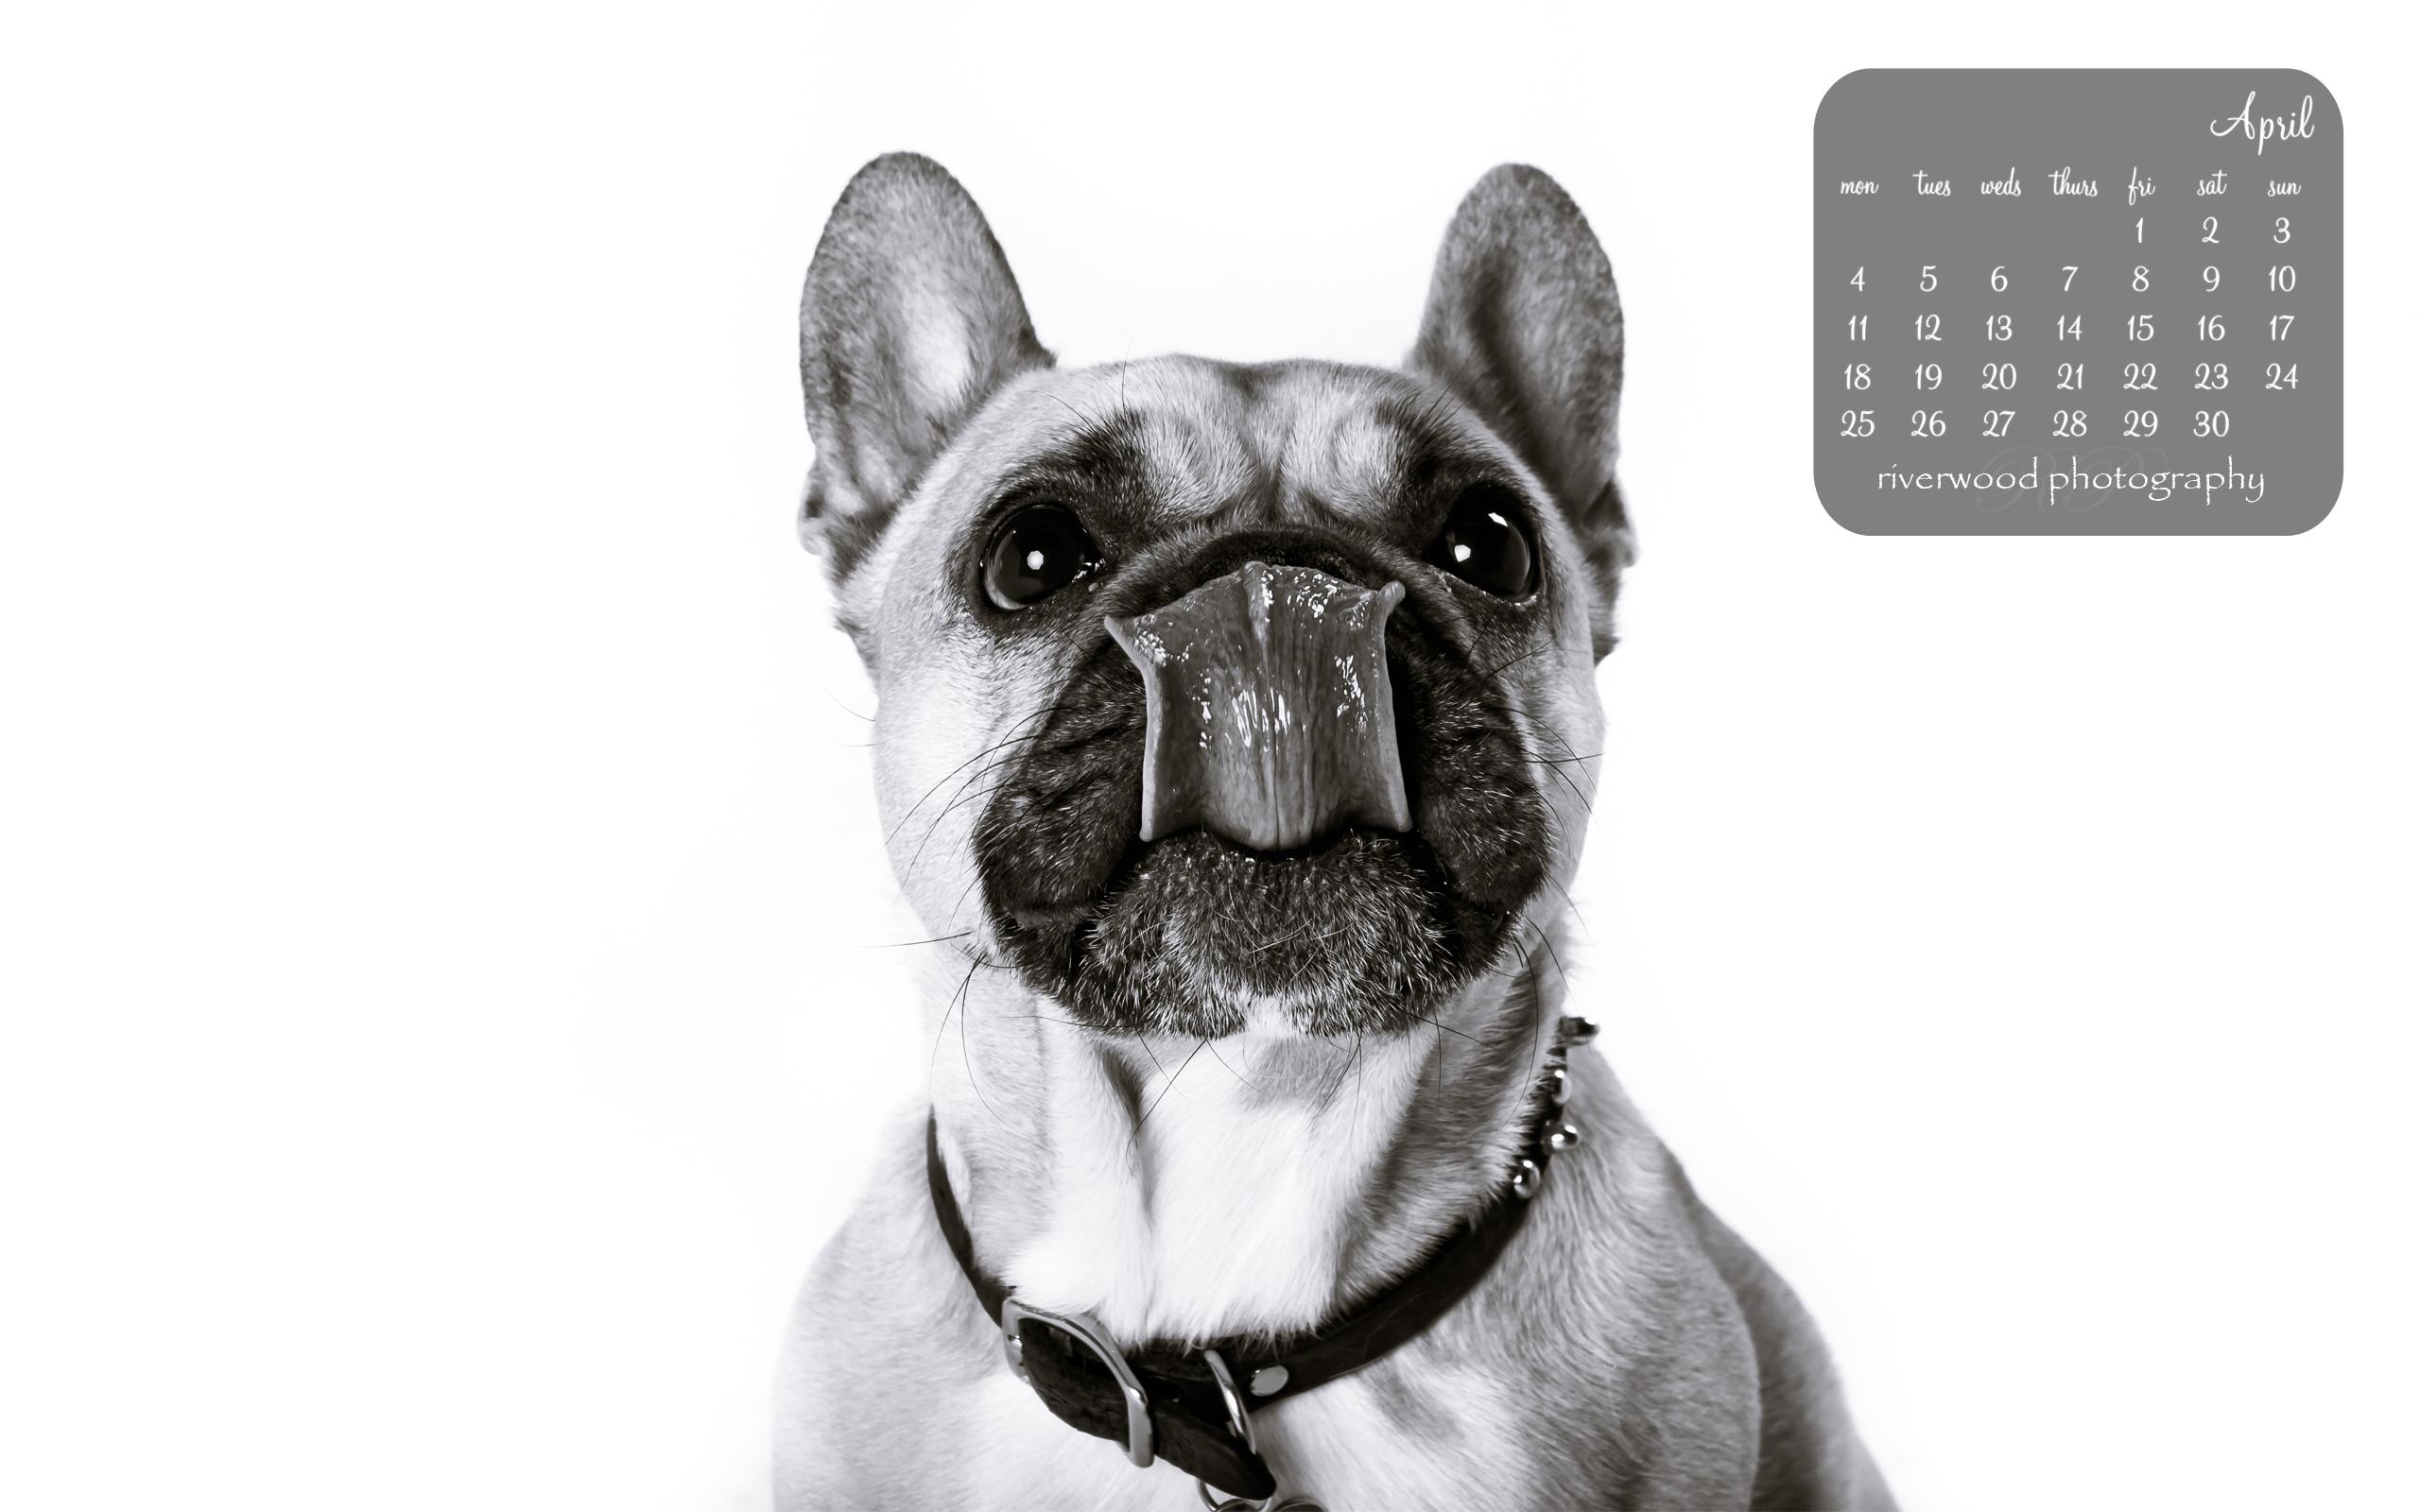 Free Desktop Wallpaper from Riverwood Photography | Riverwood Photography. Calgary, Alberta, Canada